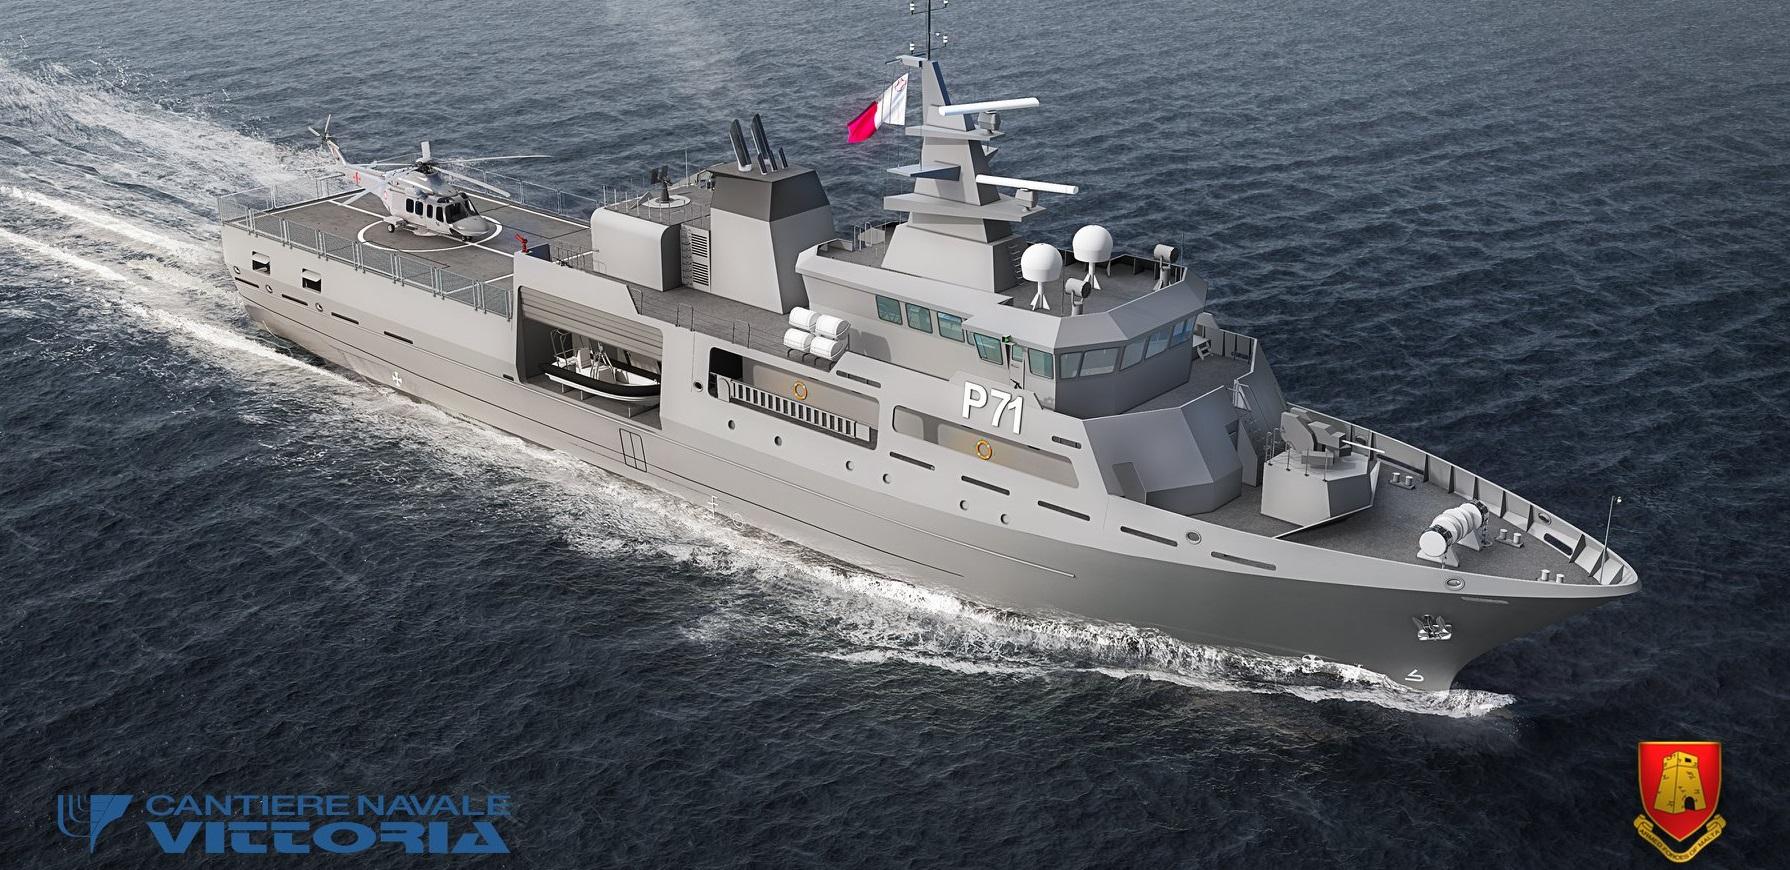 Мальта заказала патрульный корабль в Италии